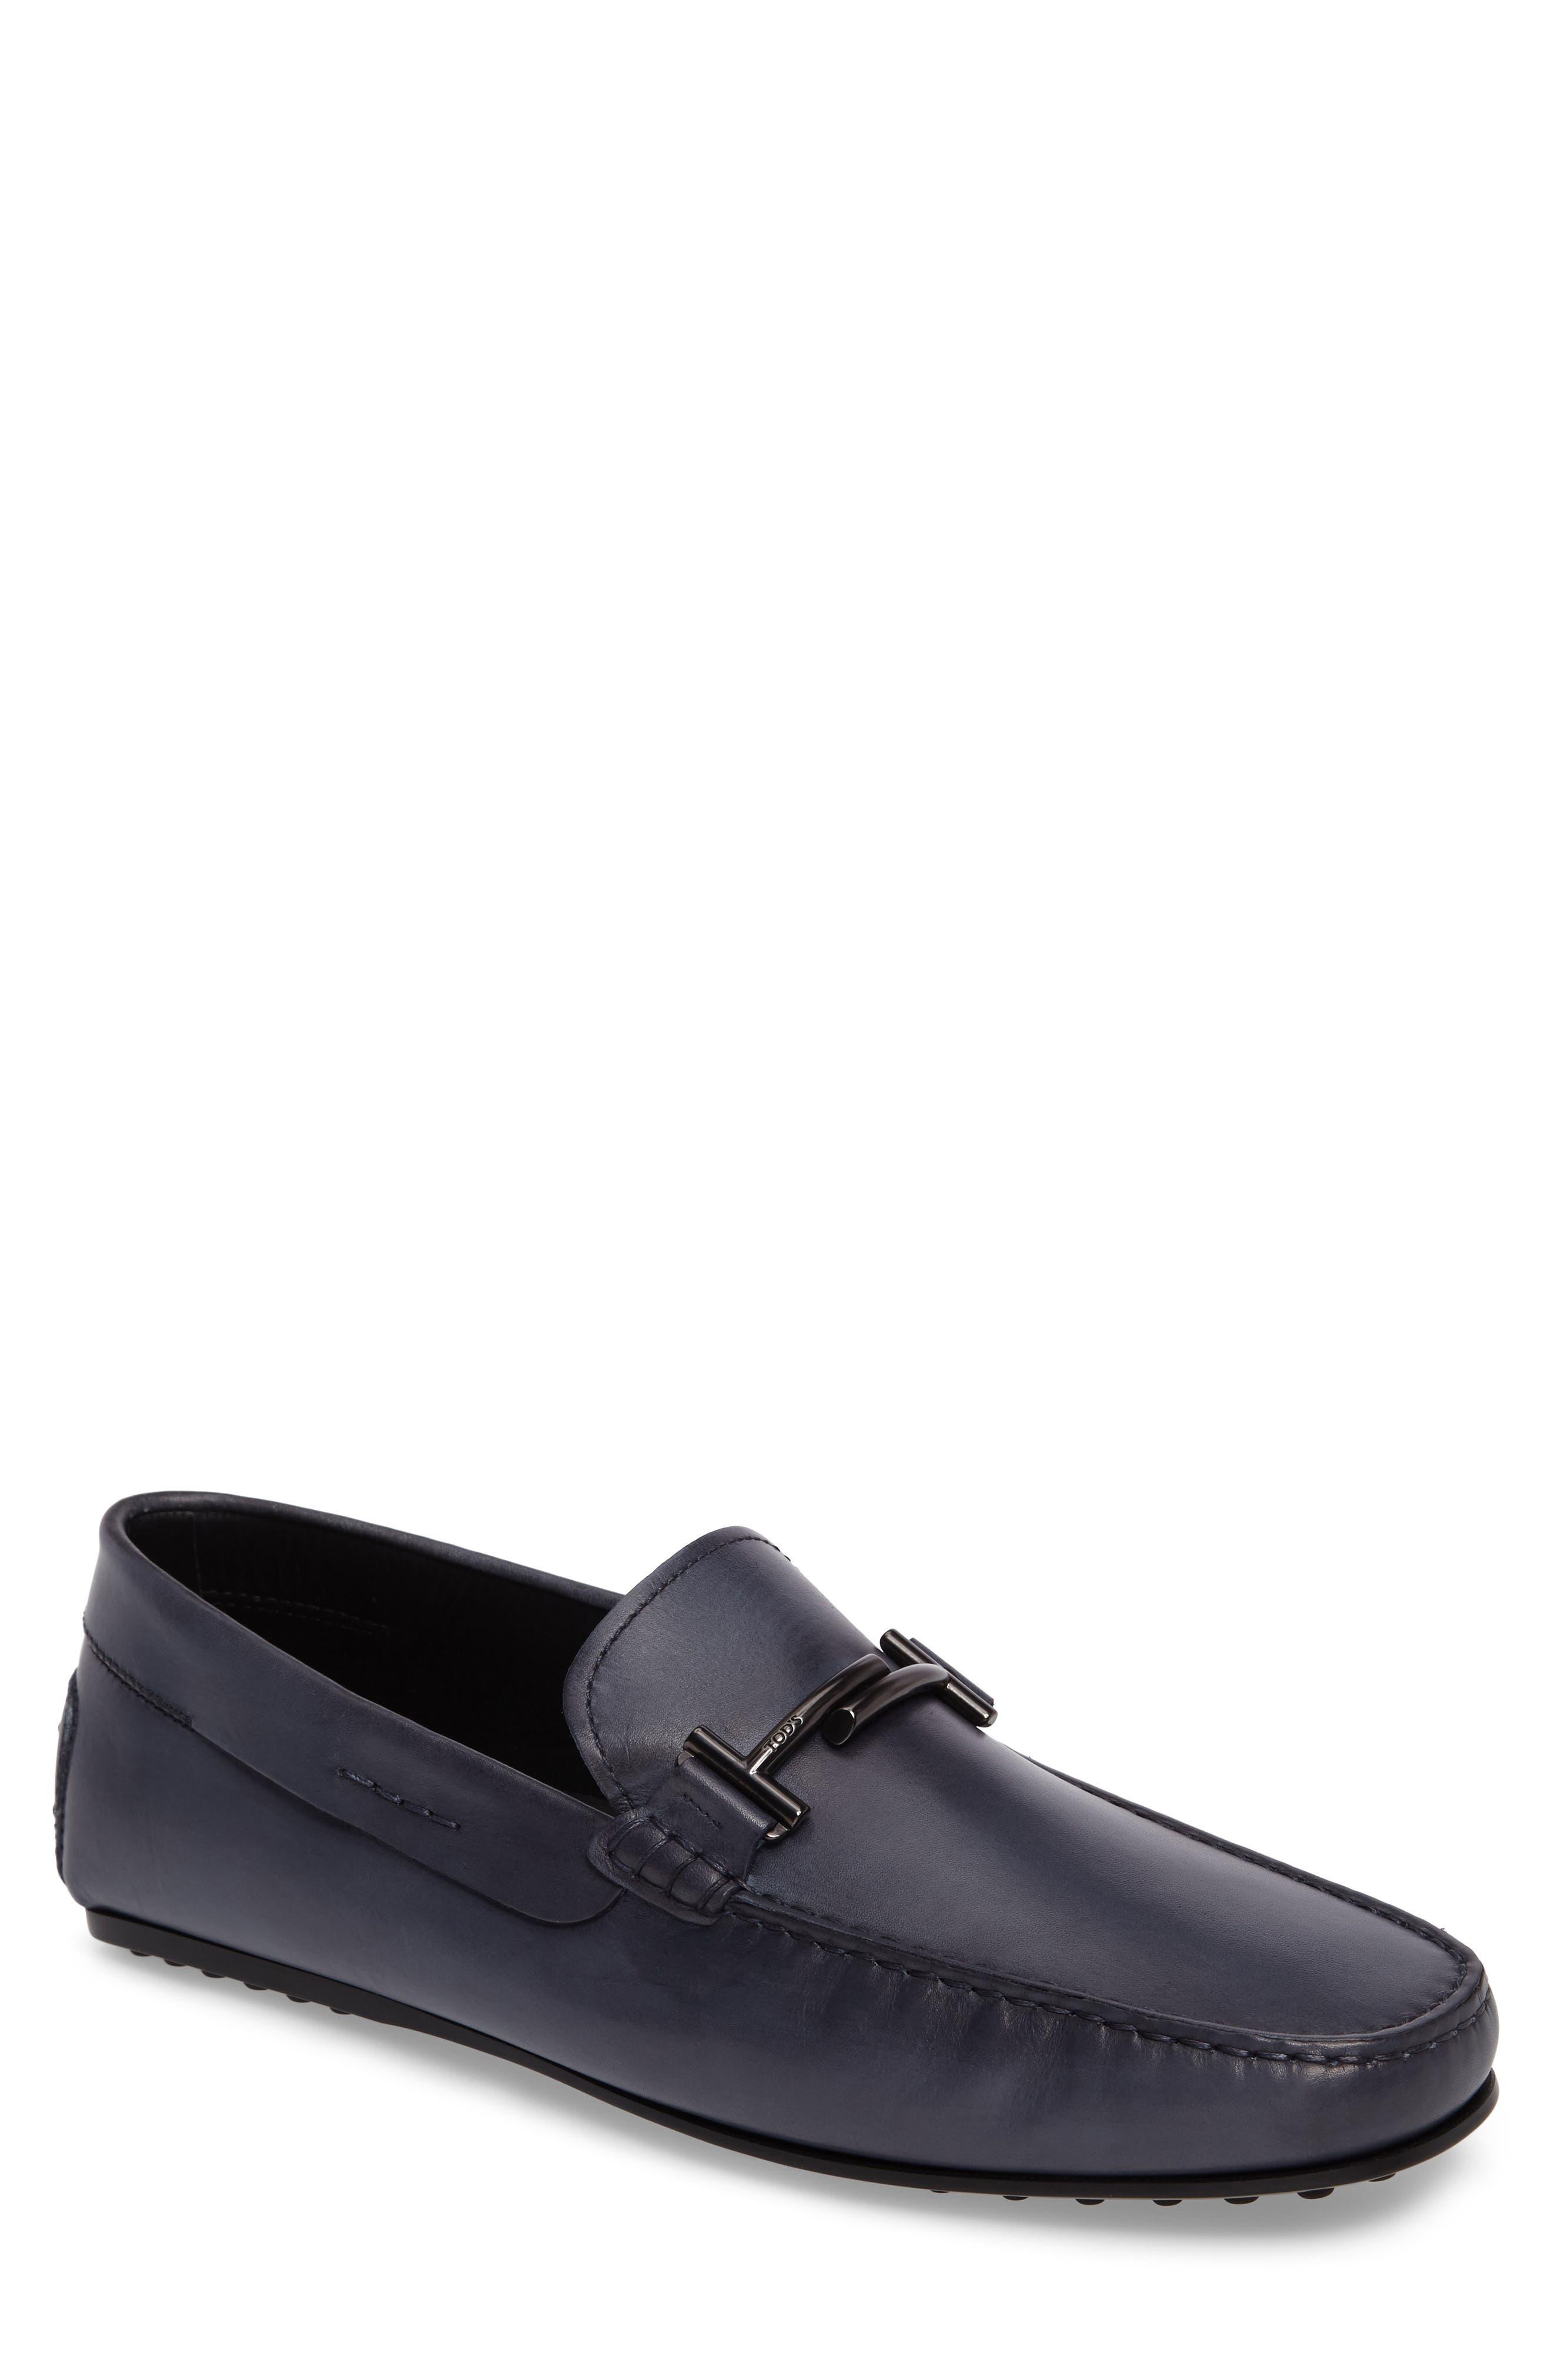 Tod's Gommini Driving Shoe (Men)